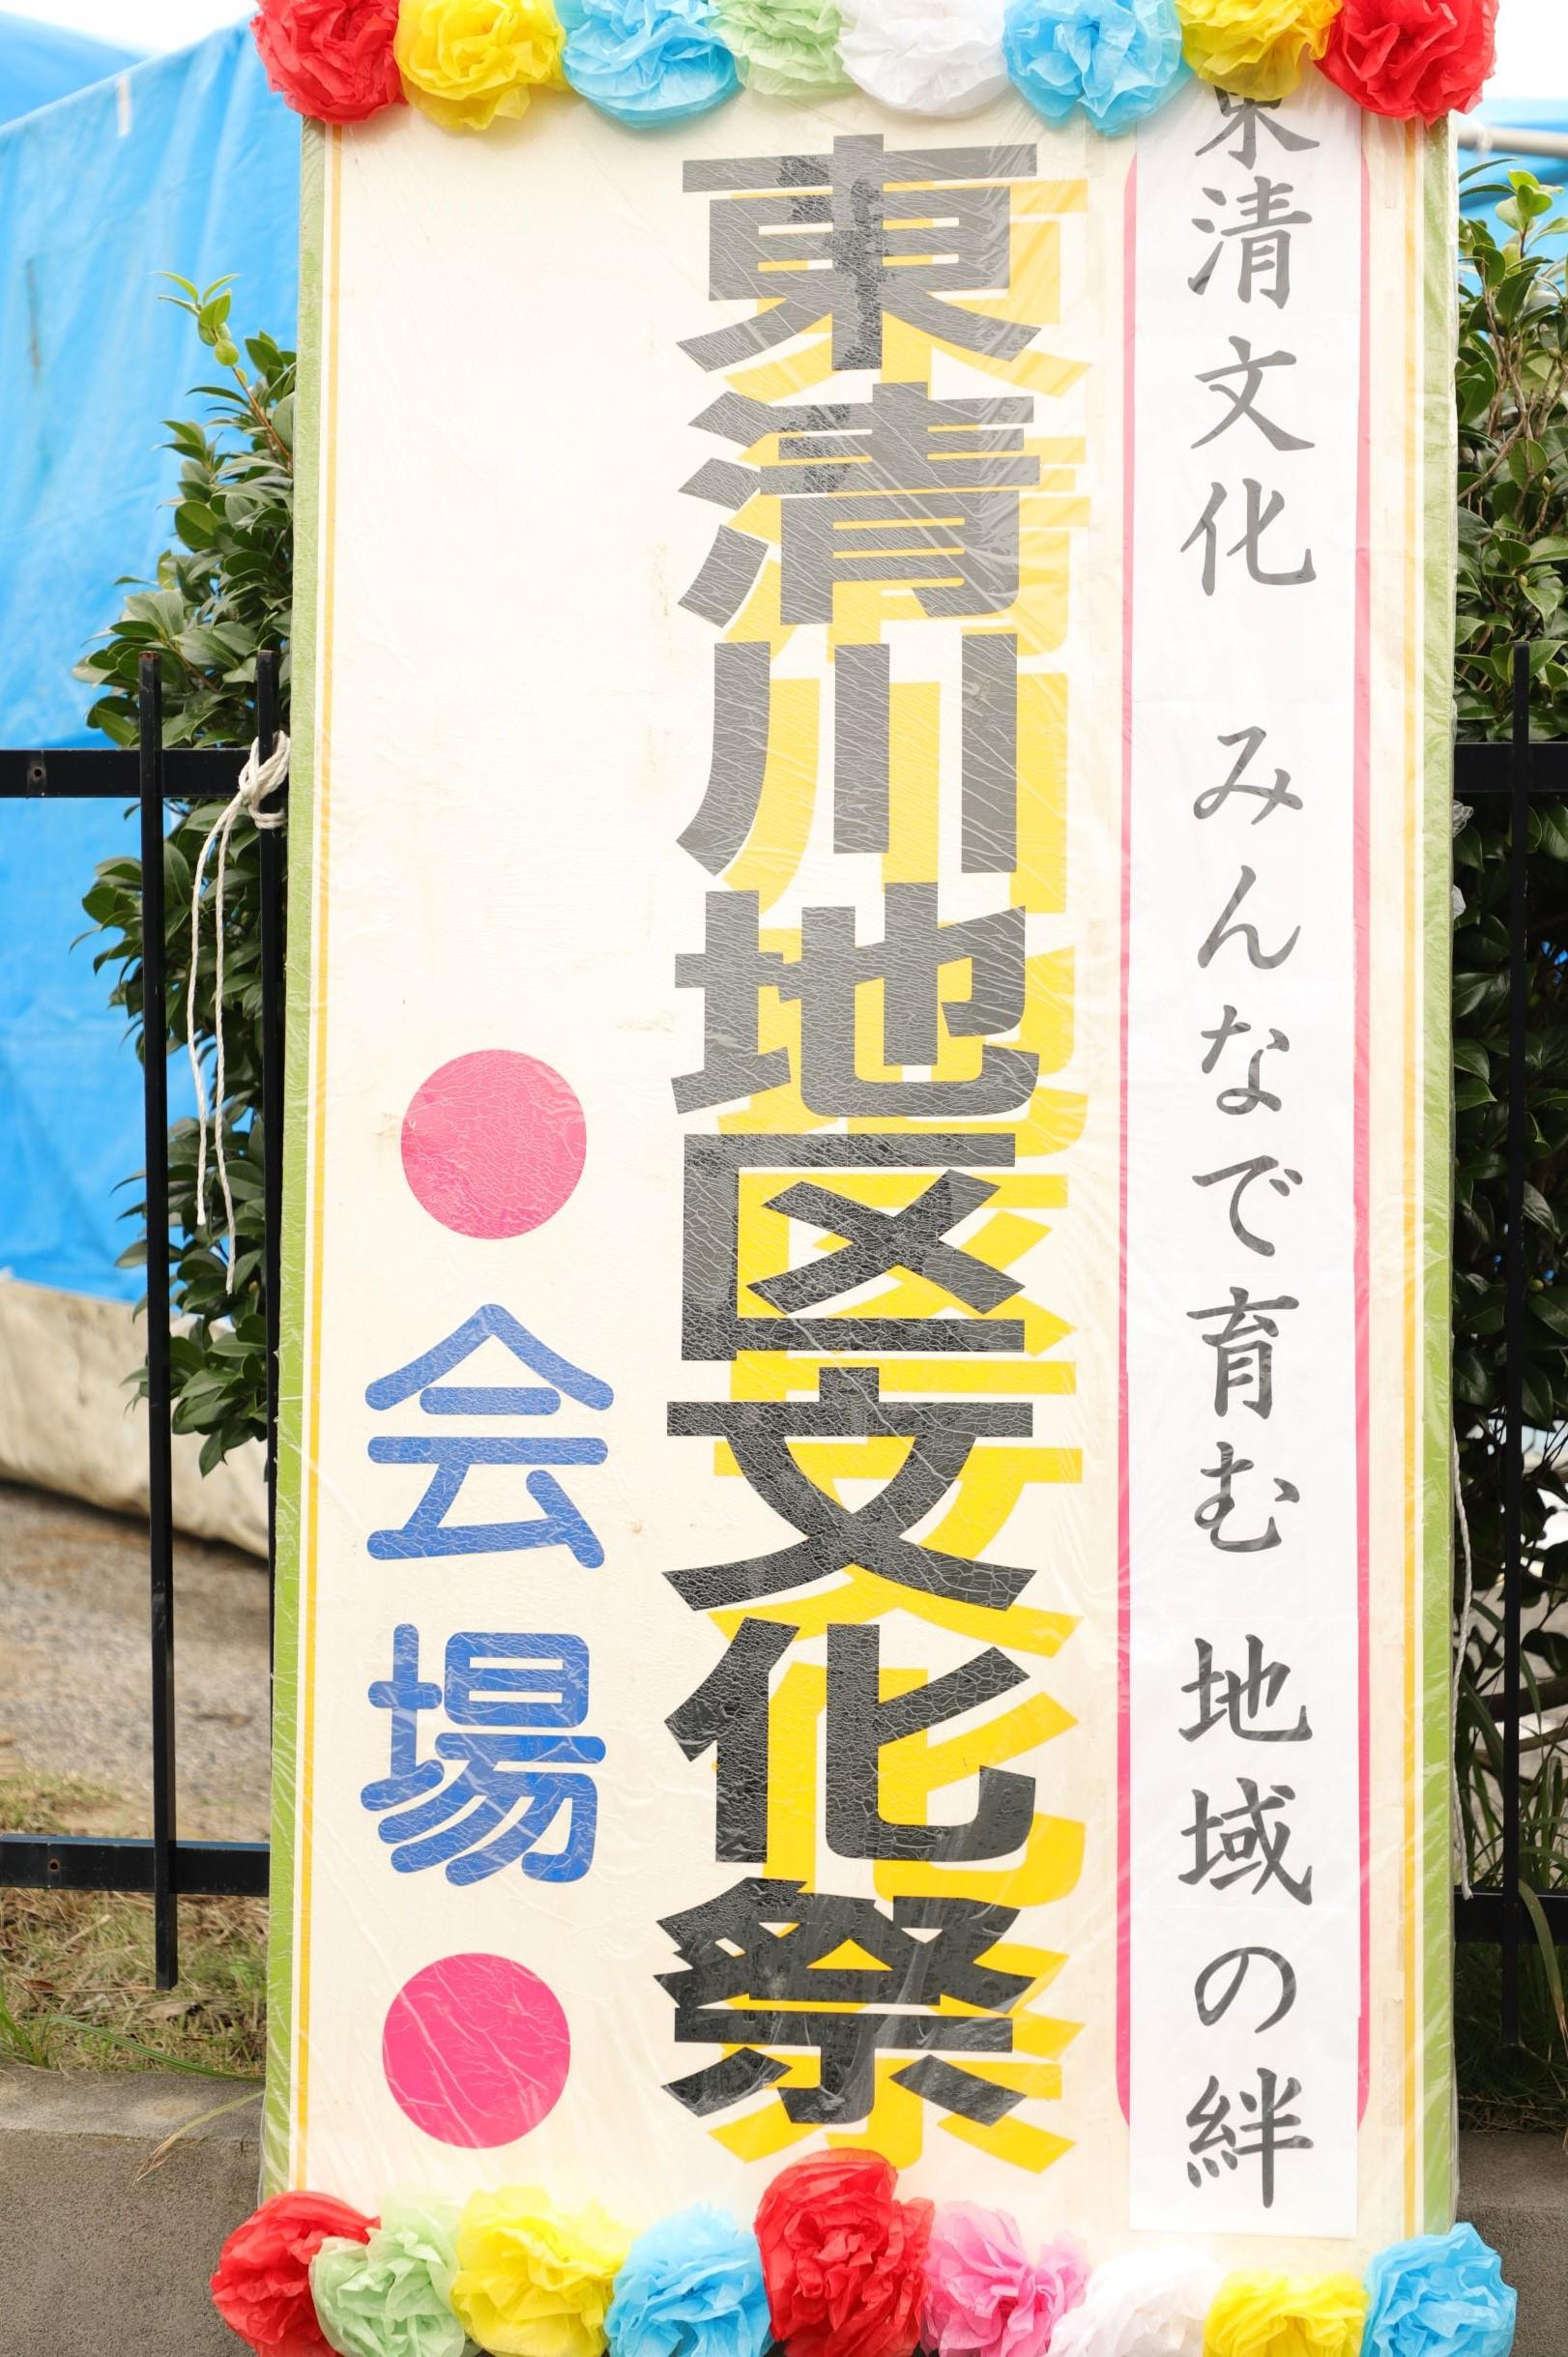 東清川地区文化祭!イメージ